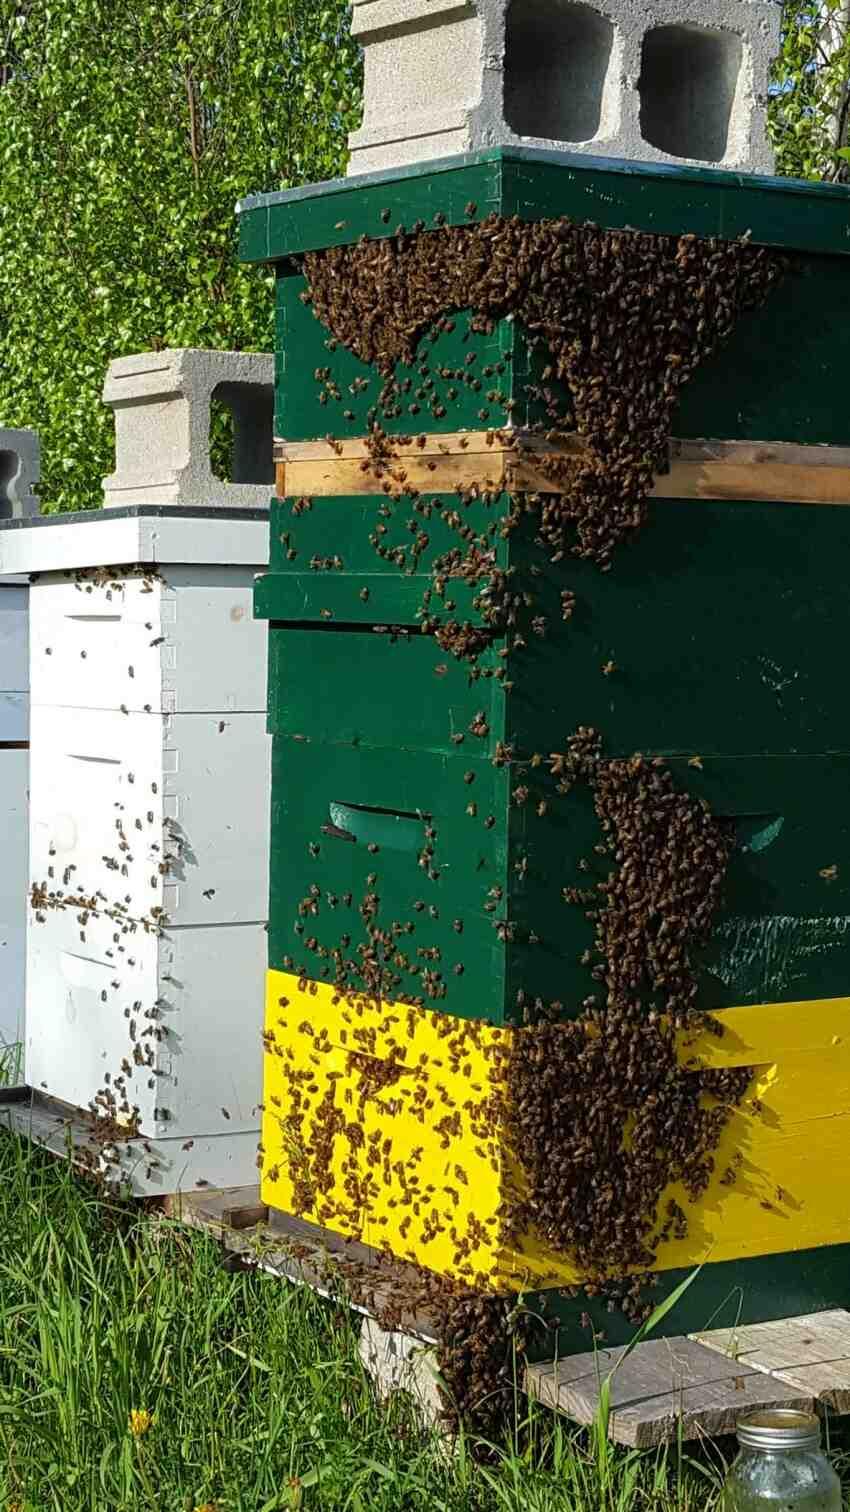 Comment Desorienter les abeilles ?